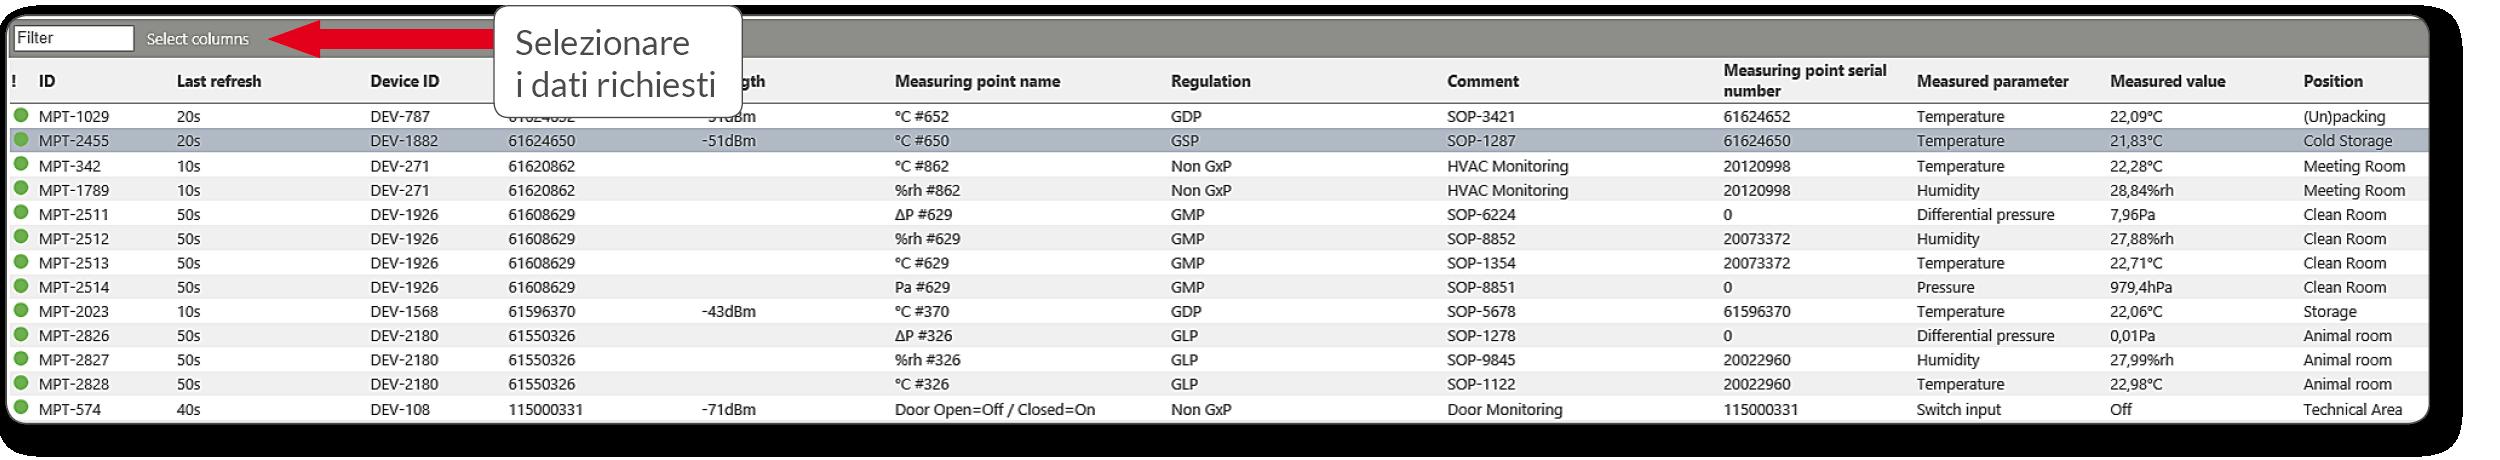 Monitoring System - Visualizzazione della tabella